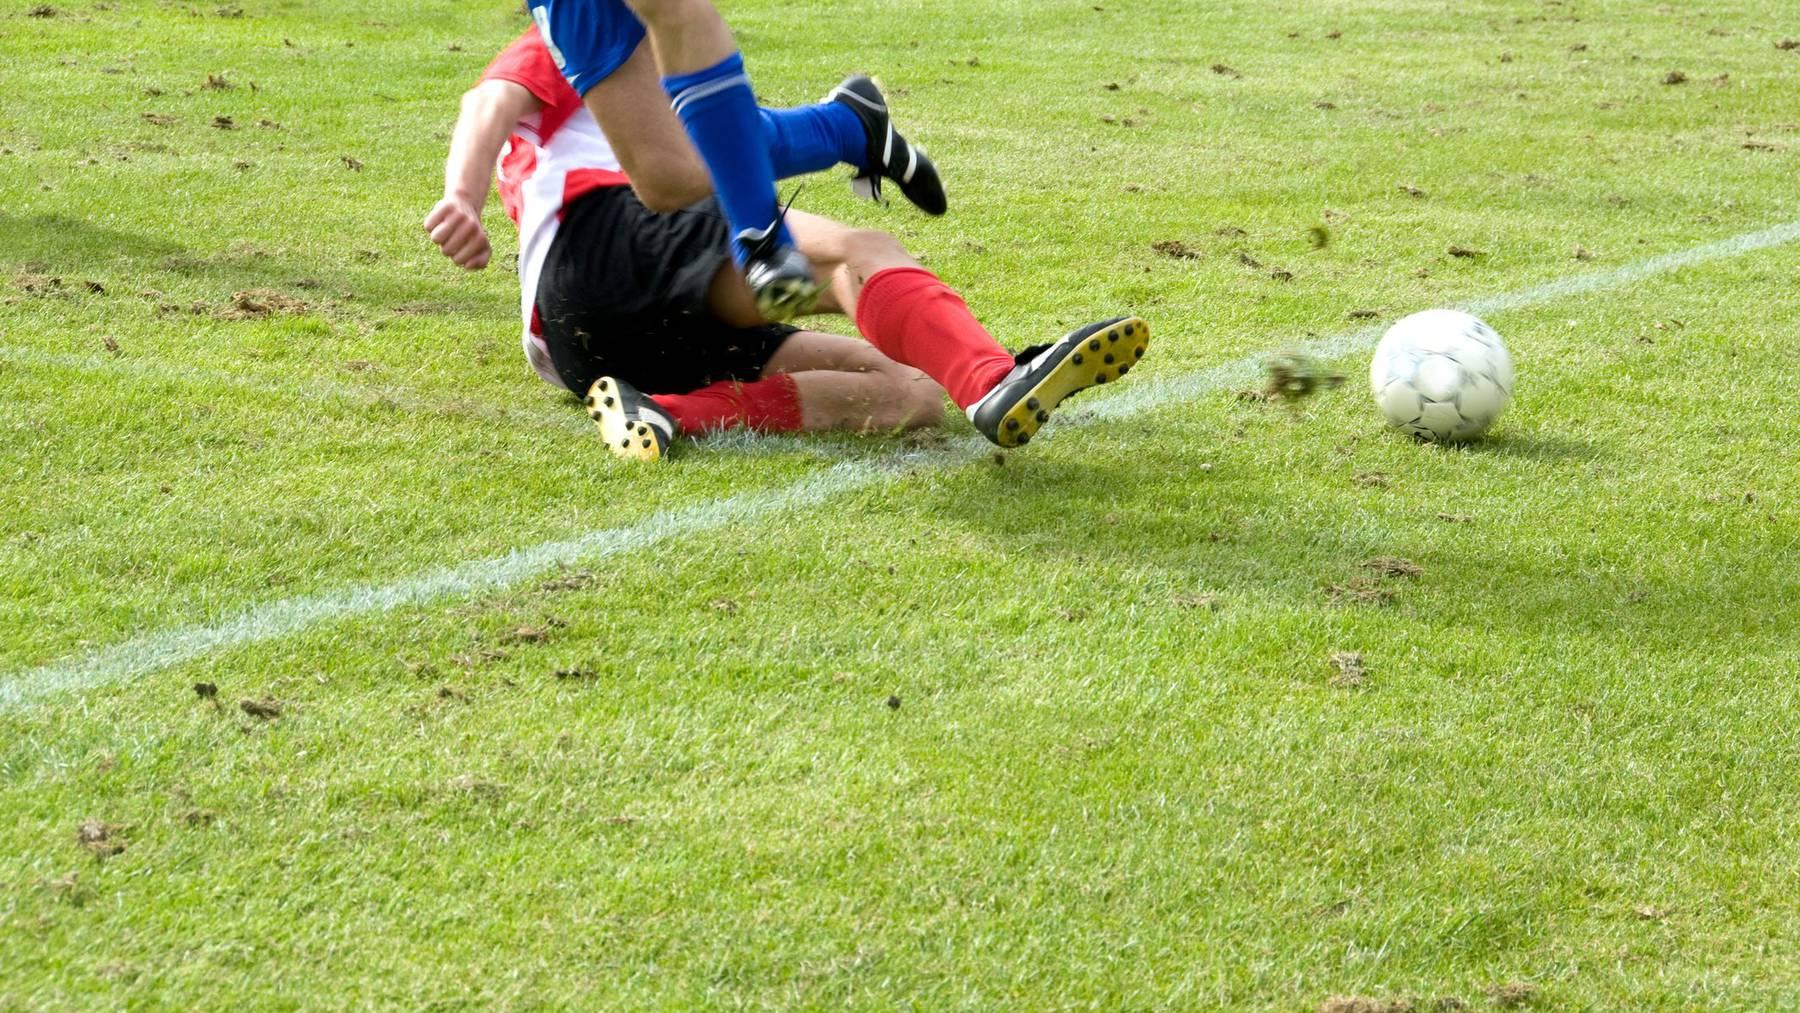 Der FC Wil Goalie traf einen gegnerischen Spieler mit gestrecktem Bein. (Symbolbild)